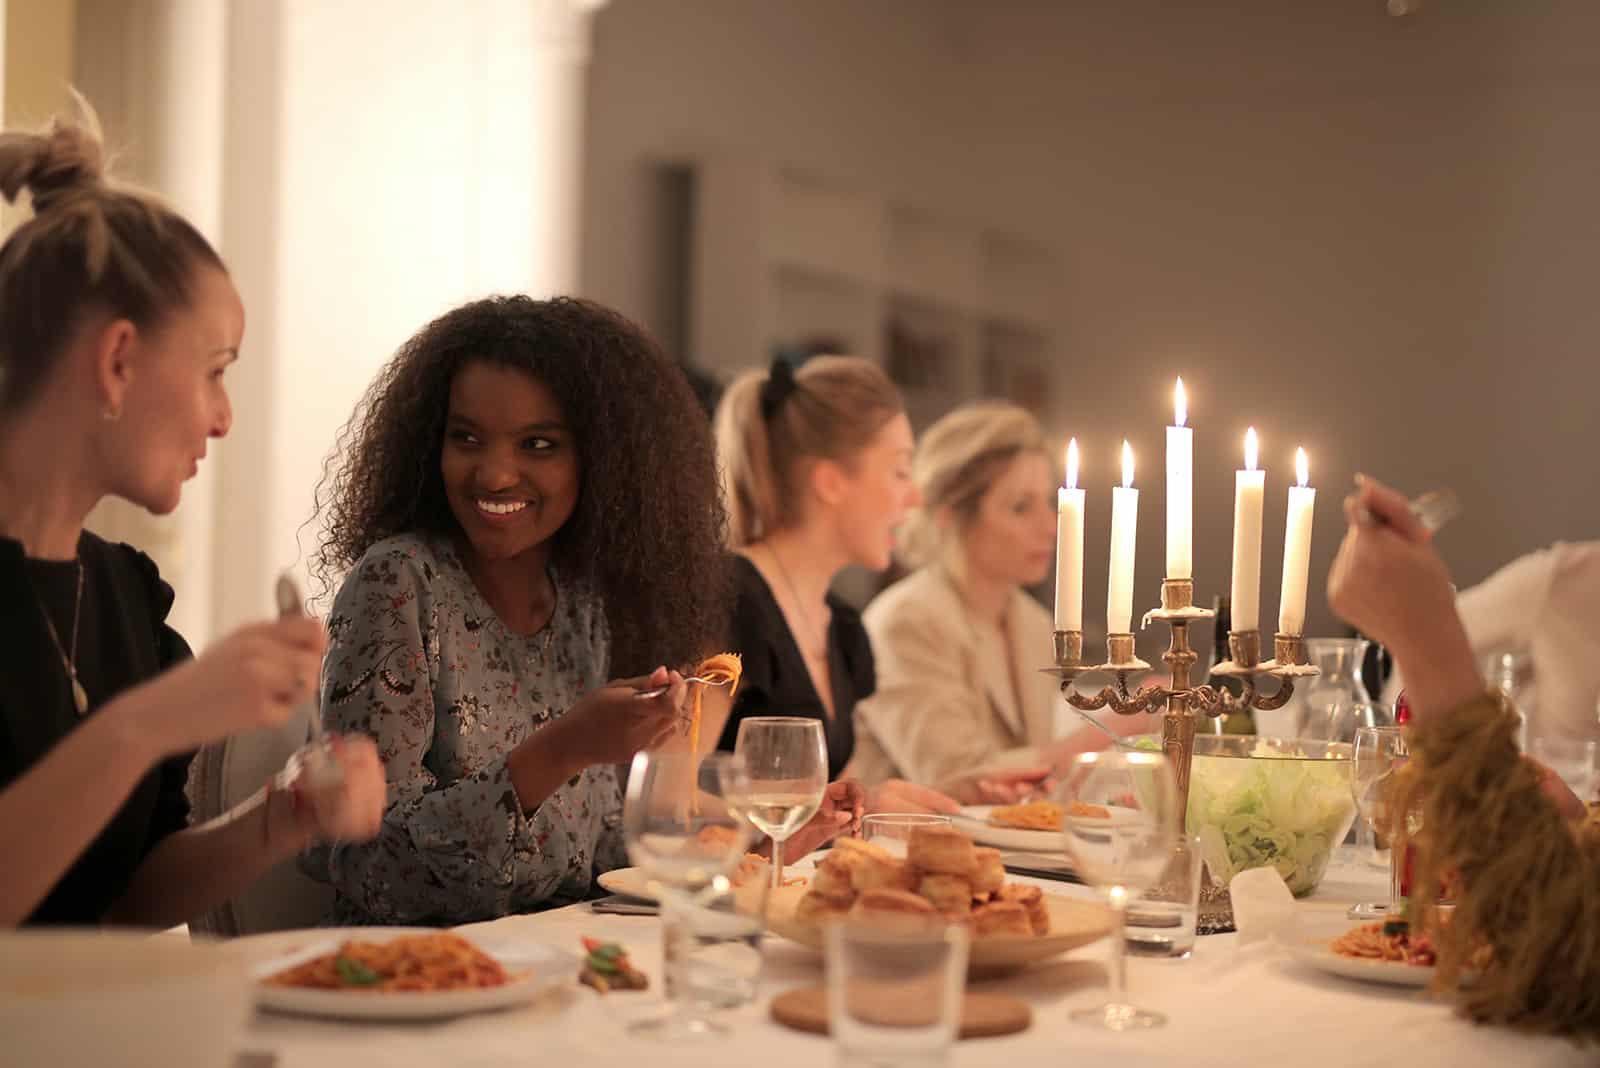 eine Gruppe von Frauen, die zu Abend essen, reden und lächeln